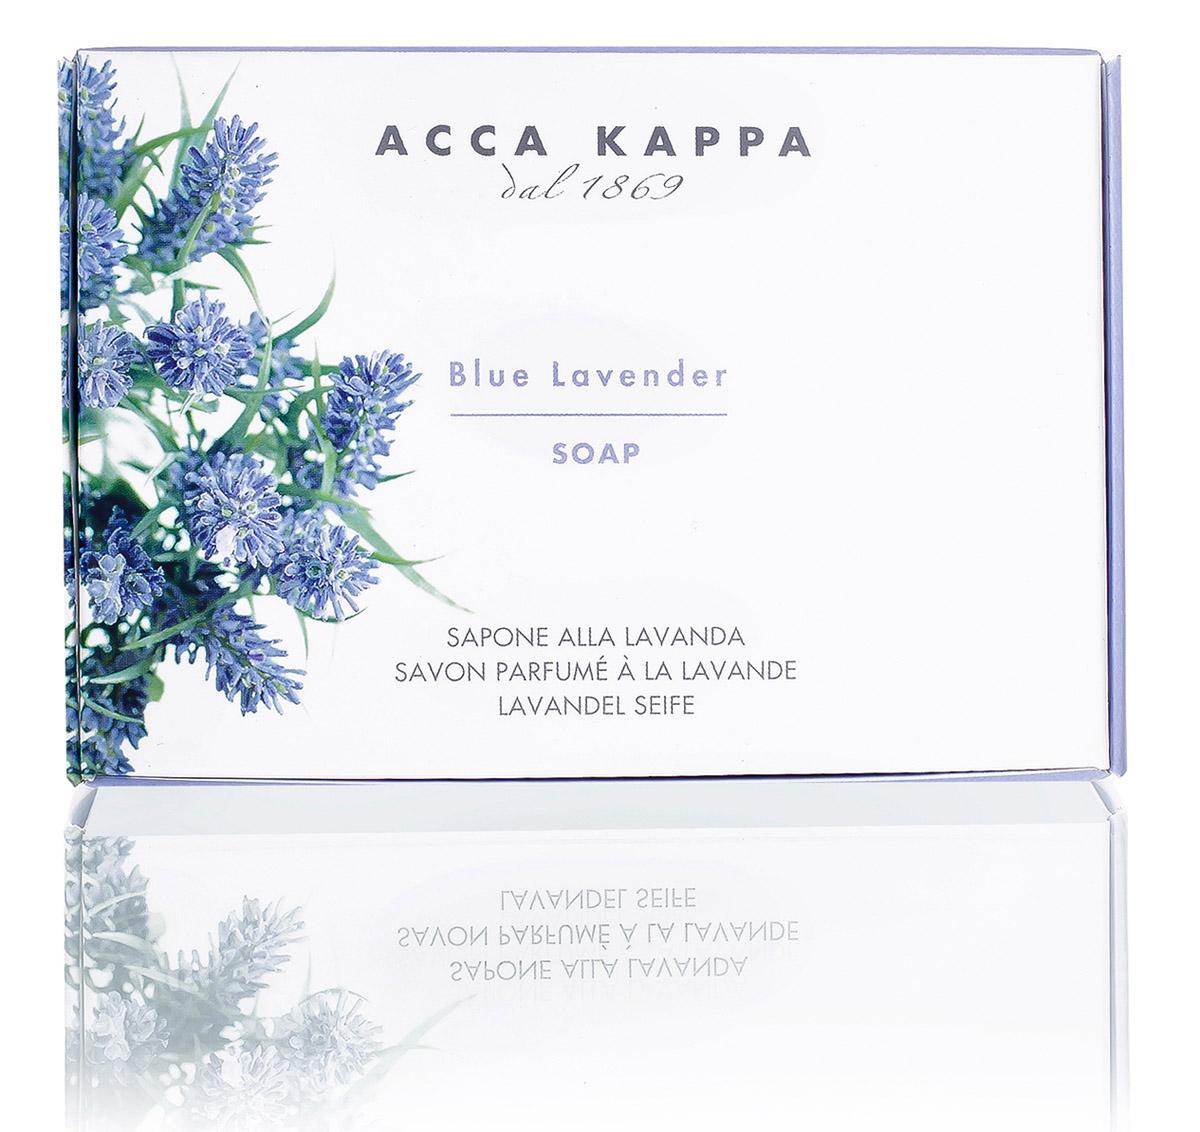 Acca Kappa Мыло туалетное Лаванда 150 грMFM-3101Мыло создано с использованием традиционных методов из сырья исключительно растительного происхождения.